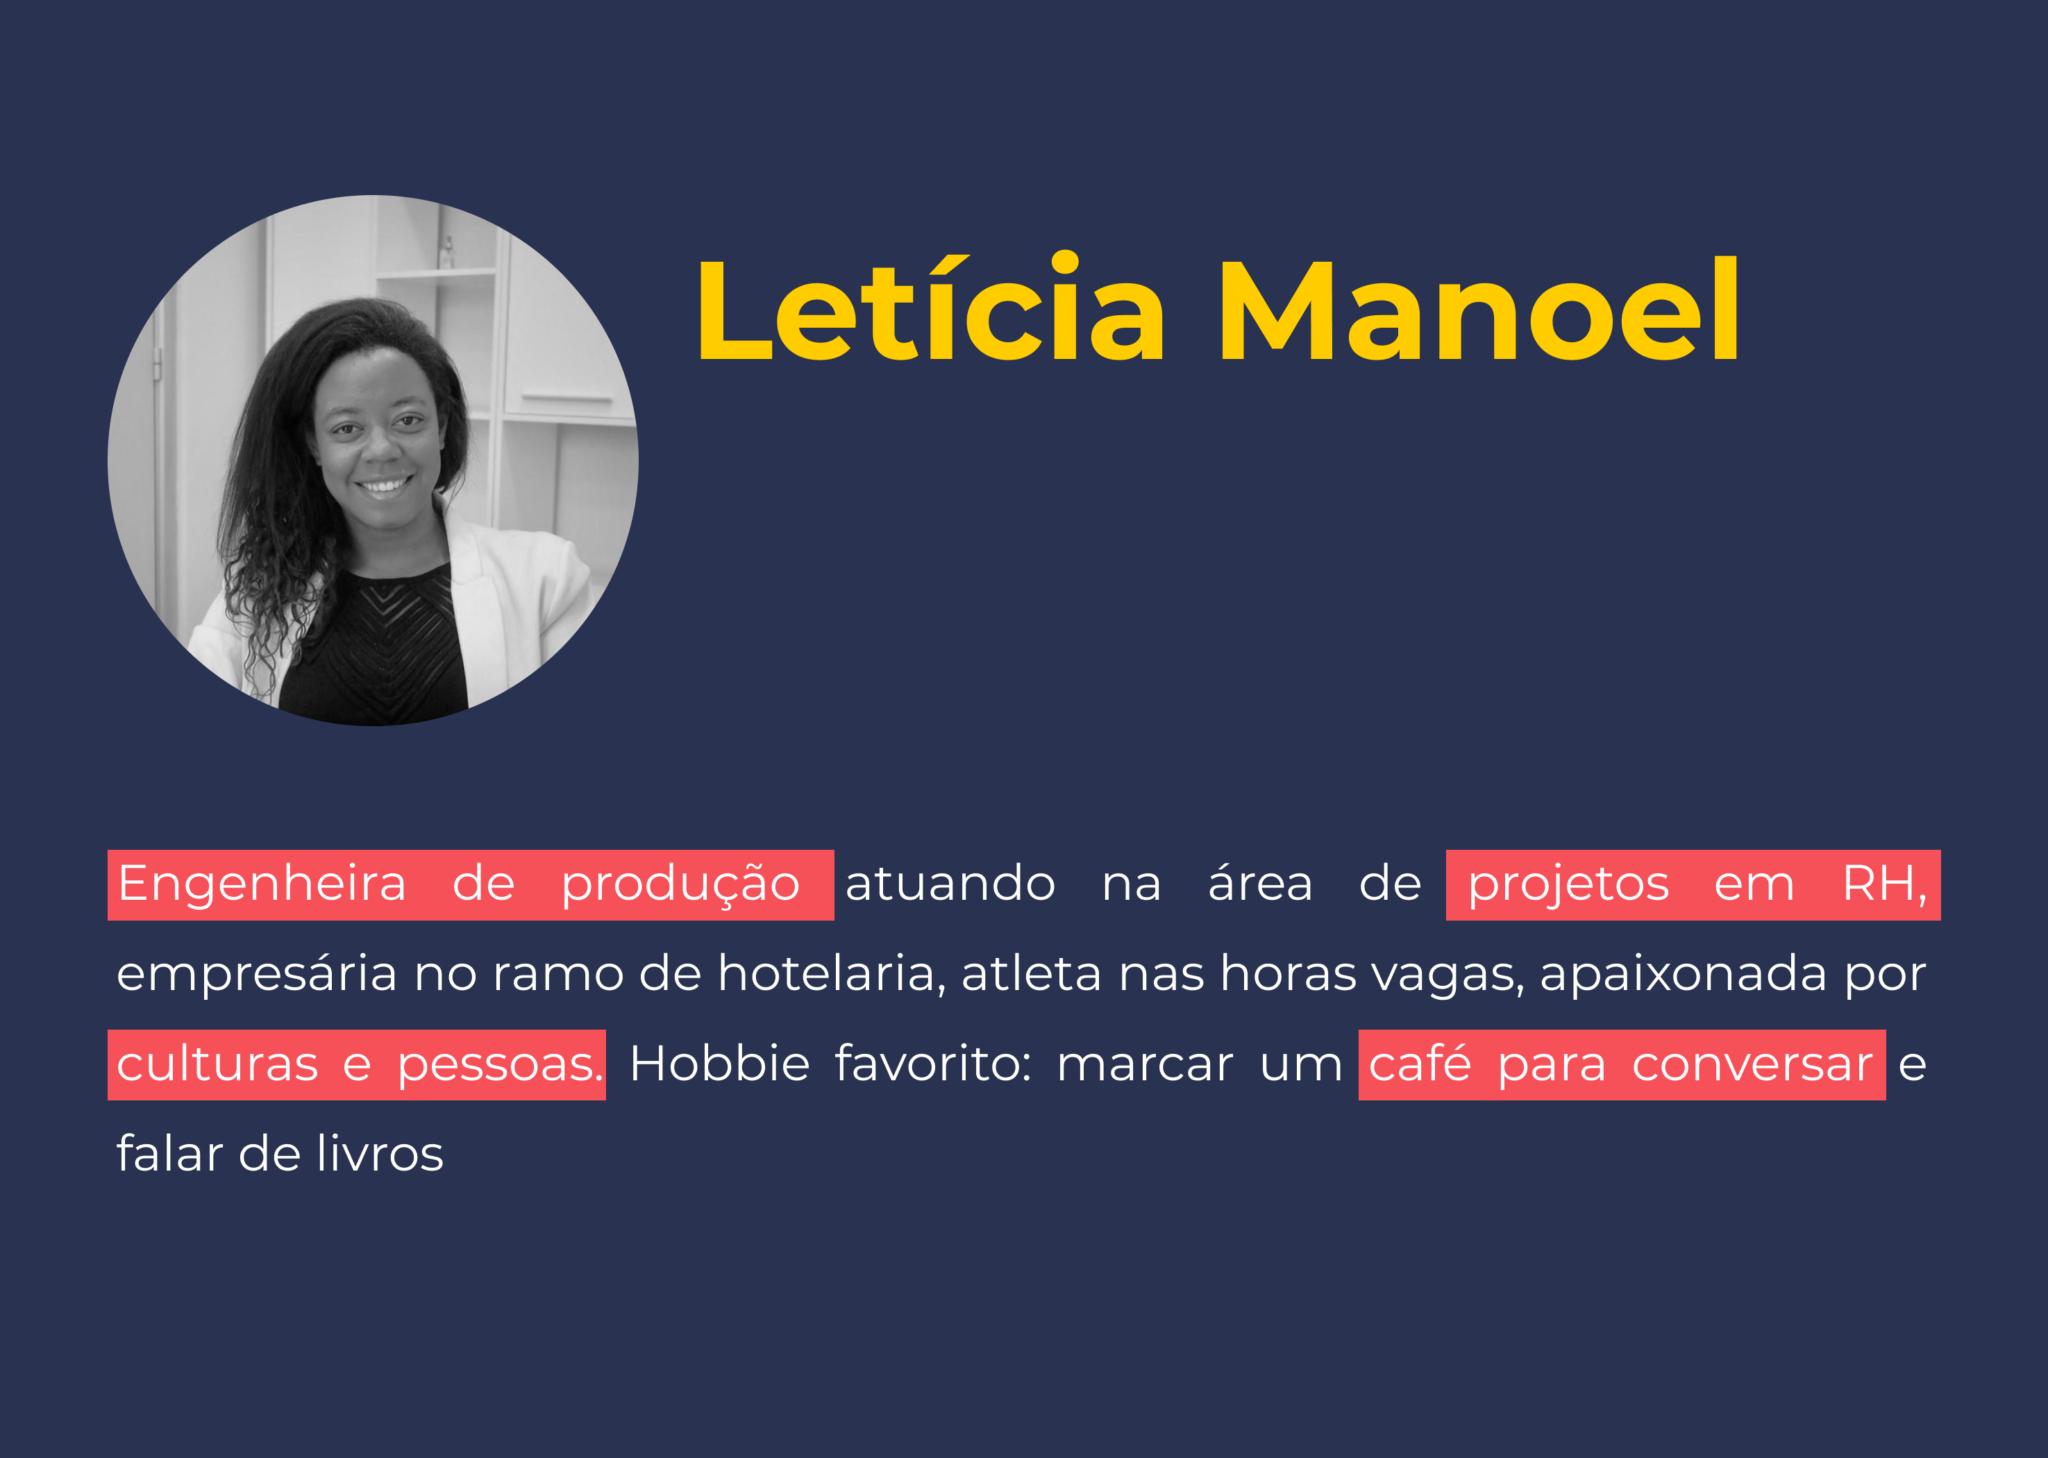 Leticia Manoel_minibio